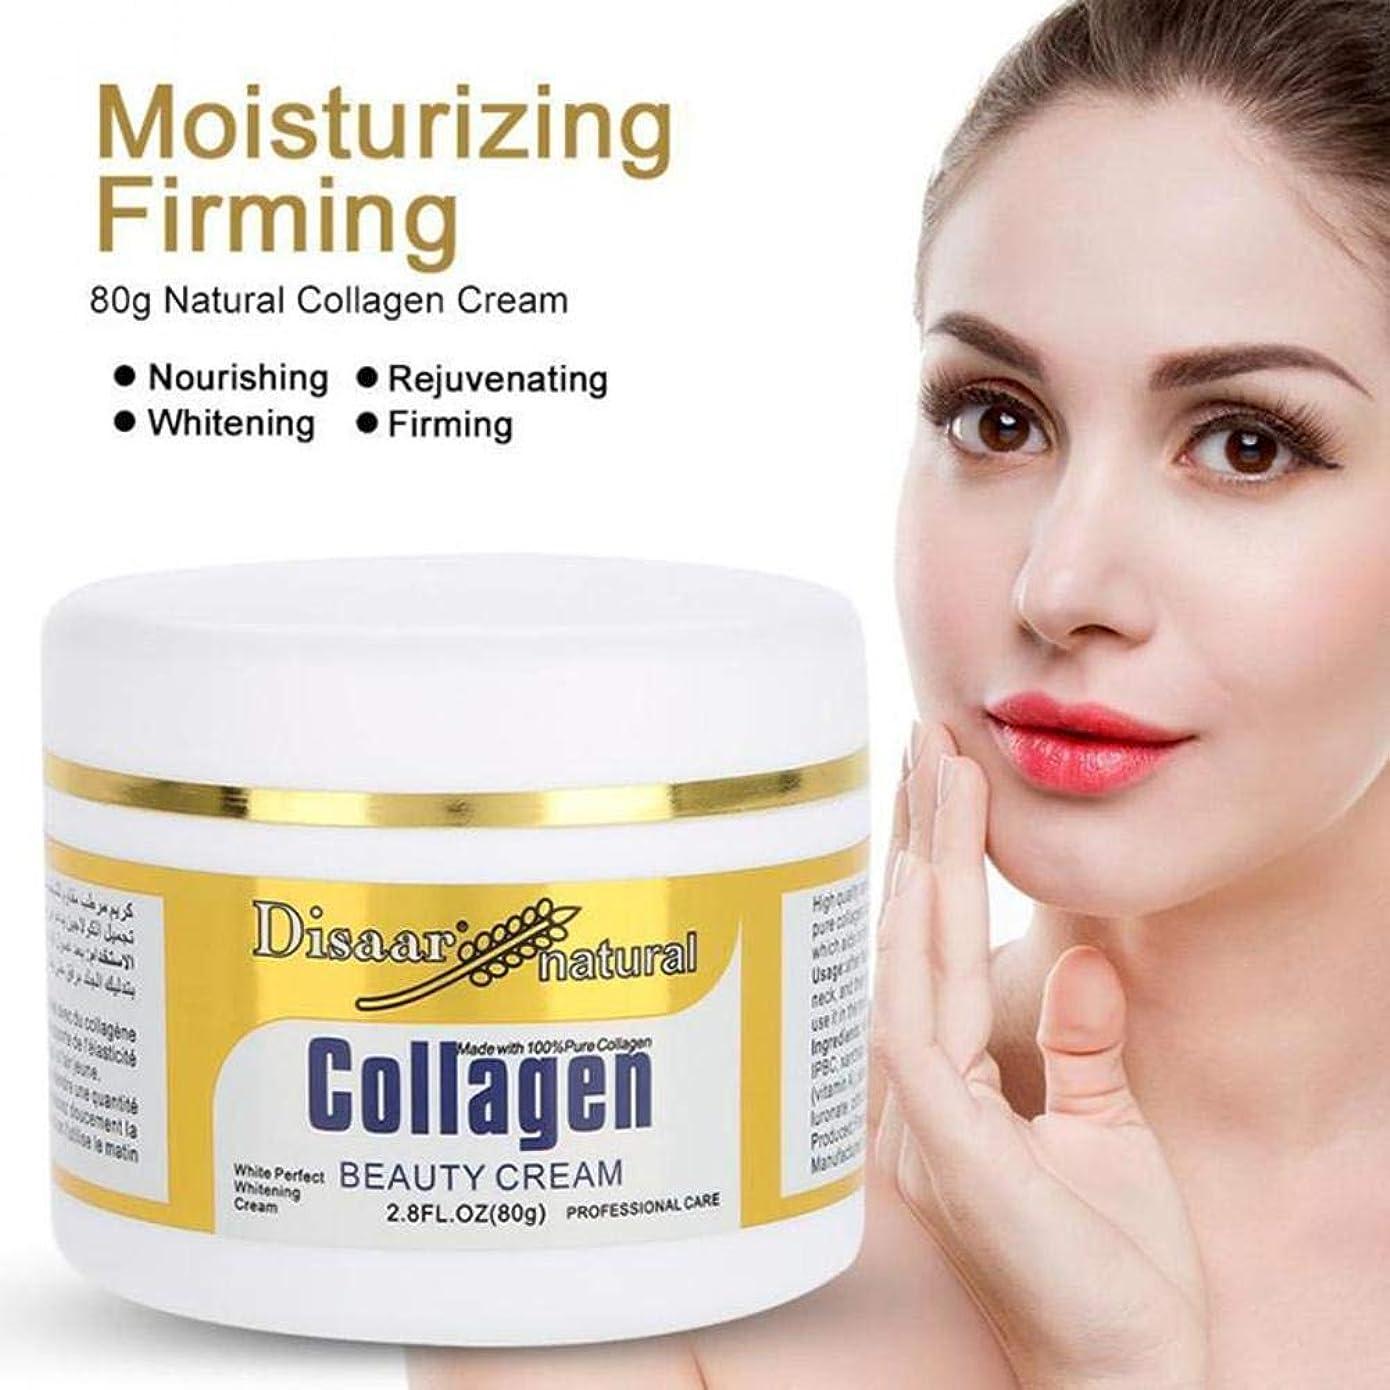 特異な日常的にフェミニンBETTER YOU (ベター ュー) コラーゲン クリーム シワに抵抗する引き缔める 保湿する 水分を補充